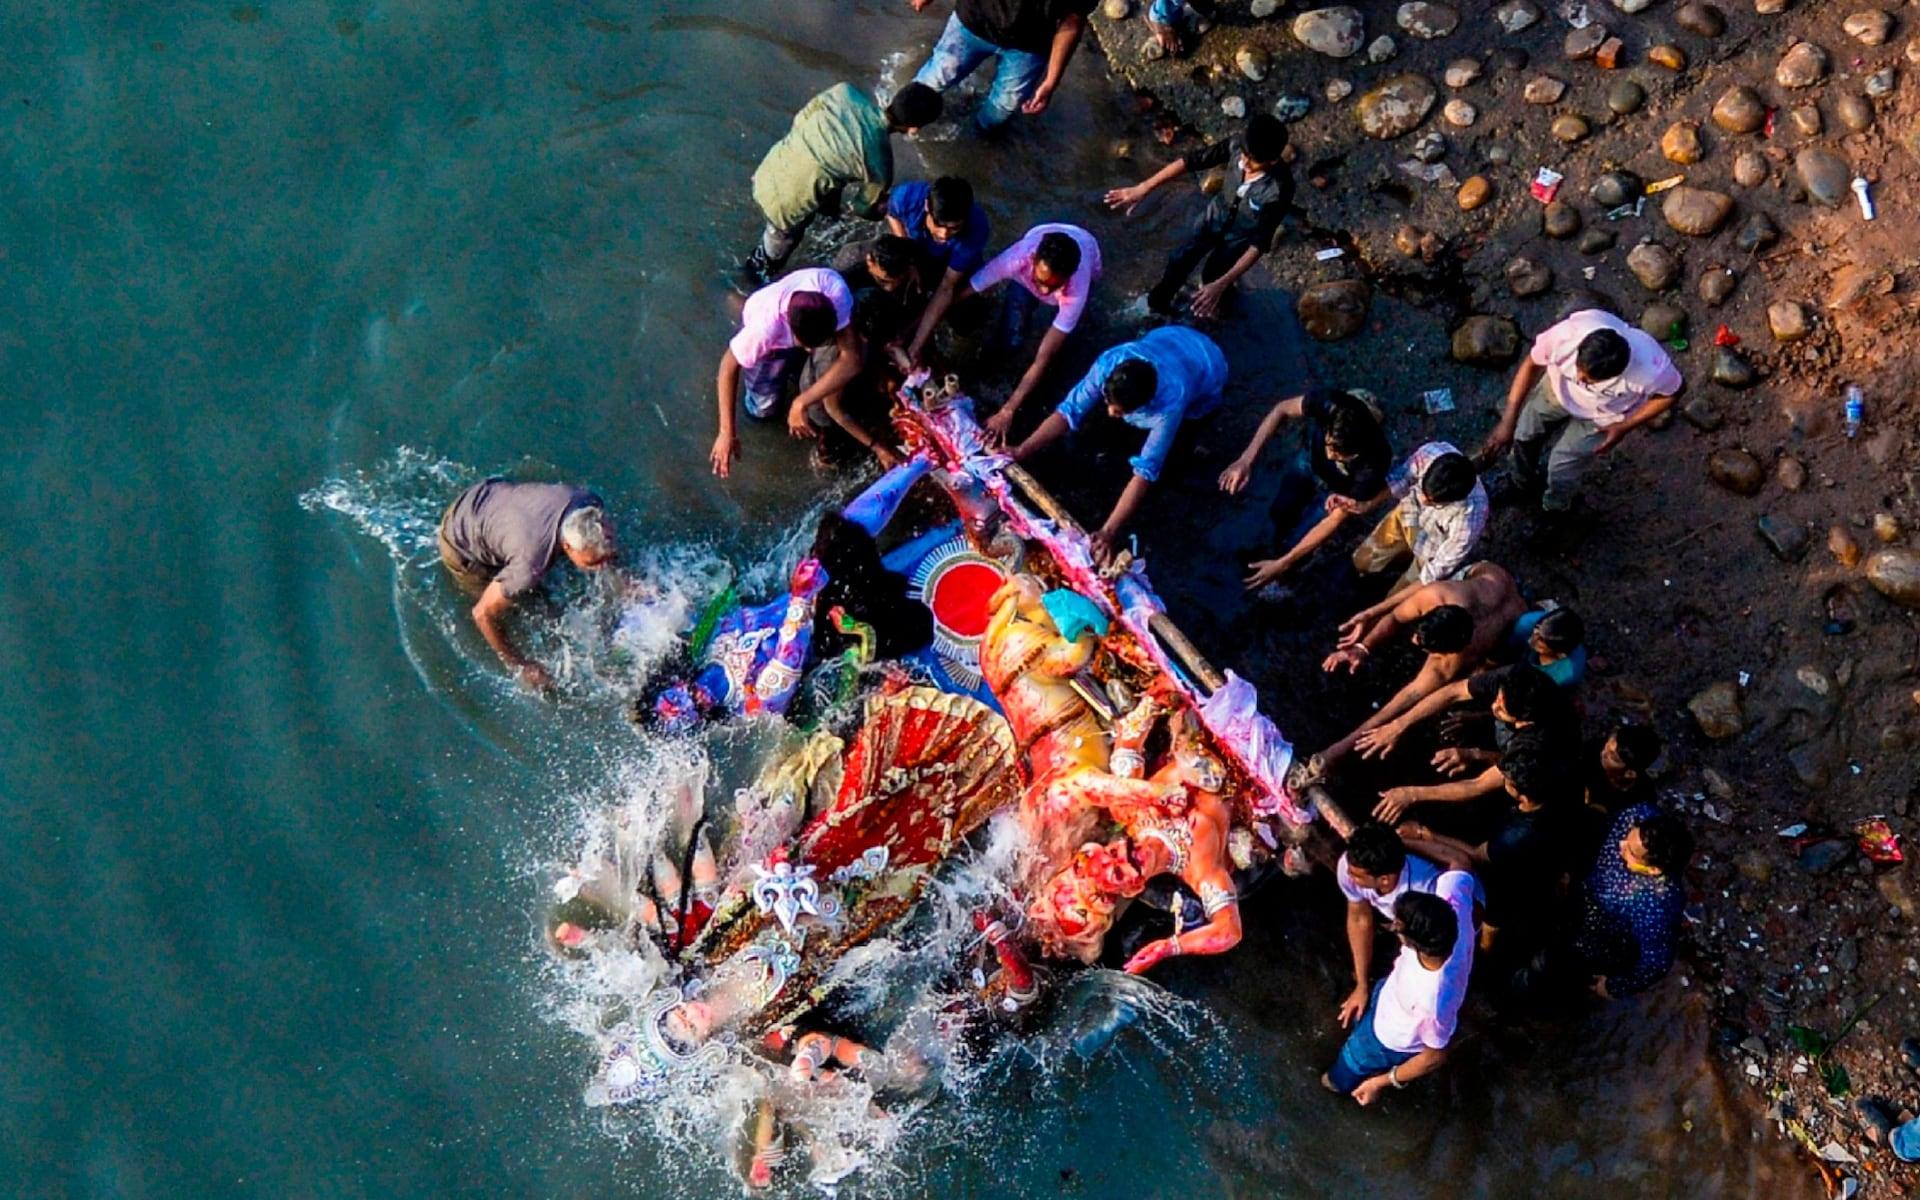 تصاویر روز: از حمل لاشه یک نهنگ کوهان دار به خارج از دریا تا روبوسی ژان کلود یونکر